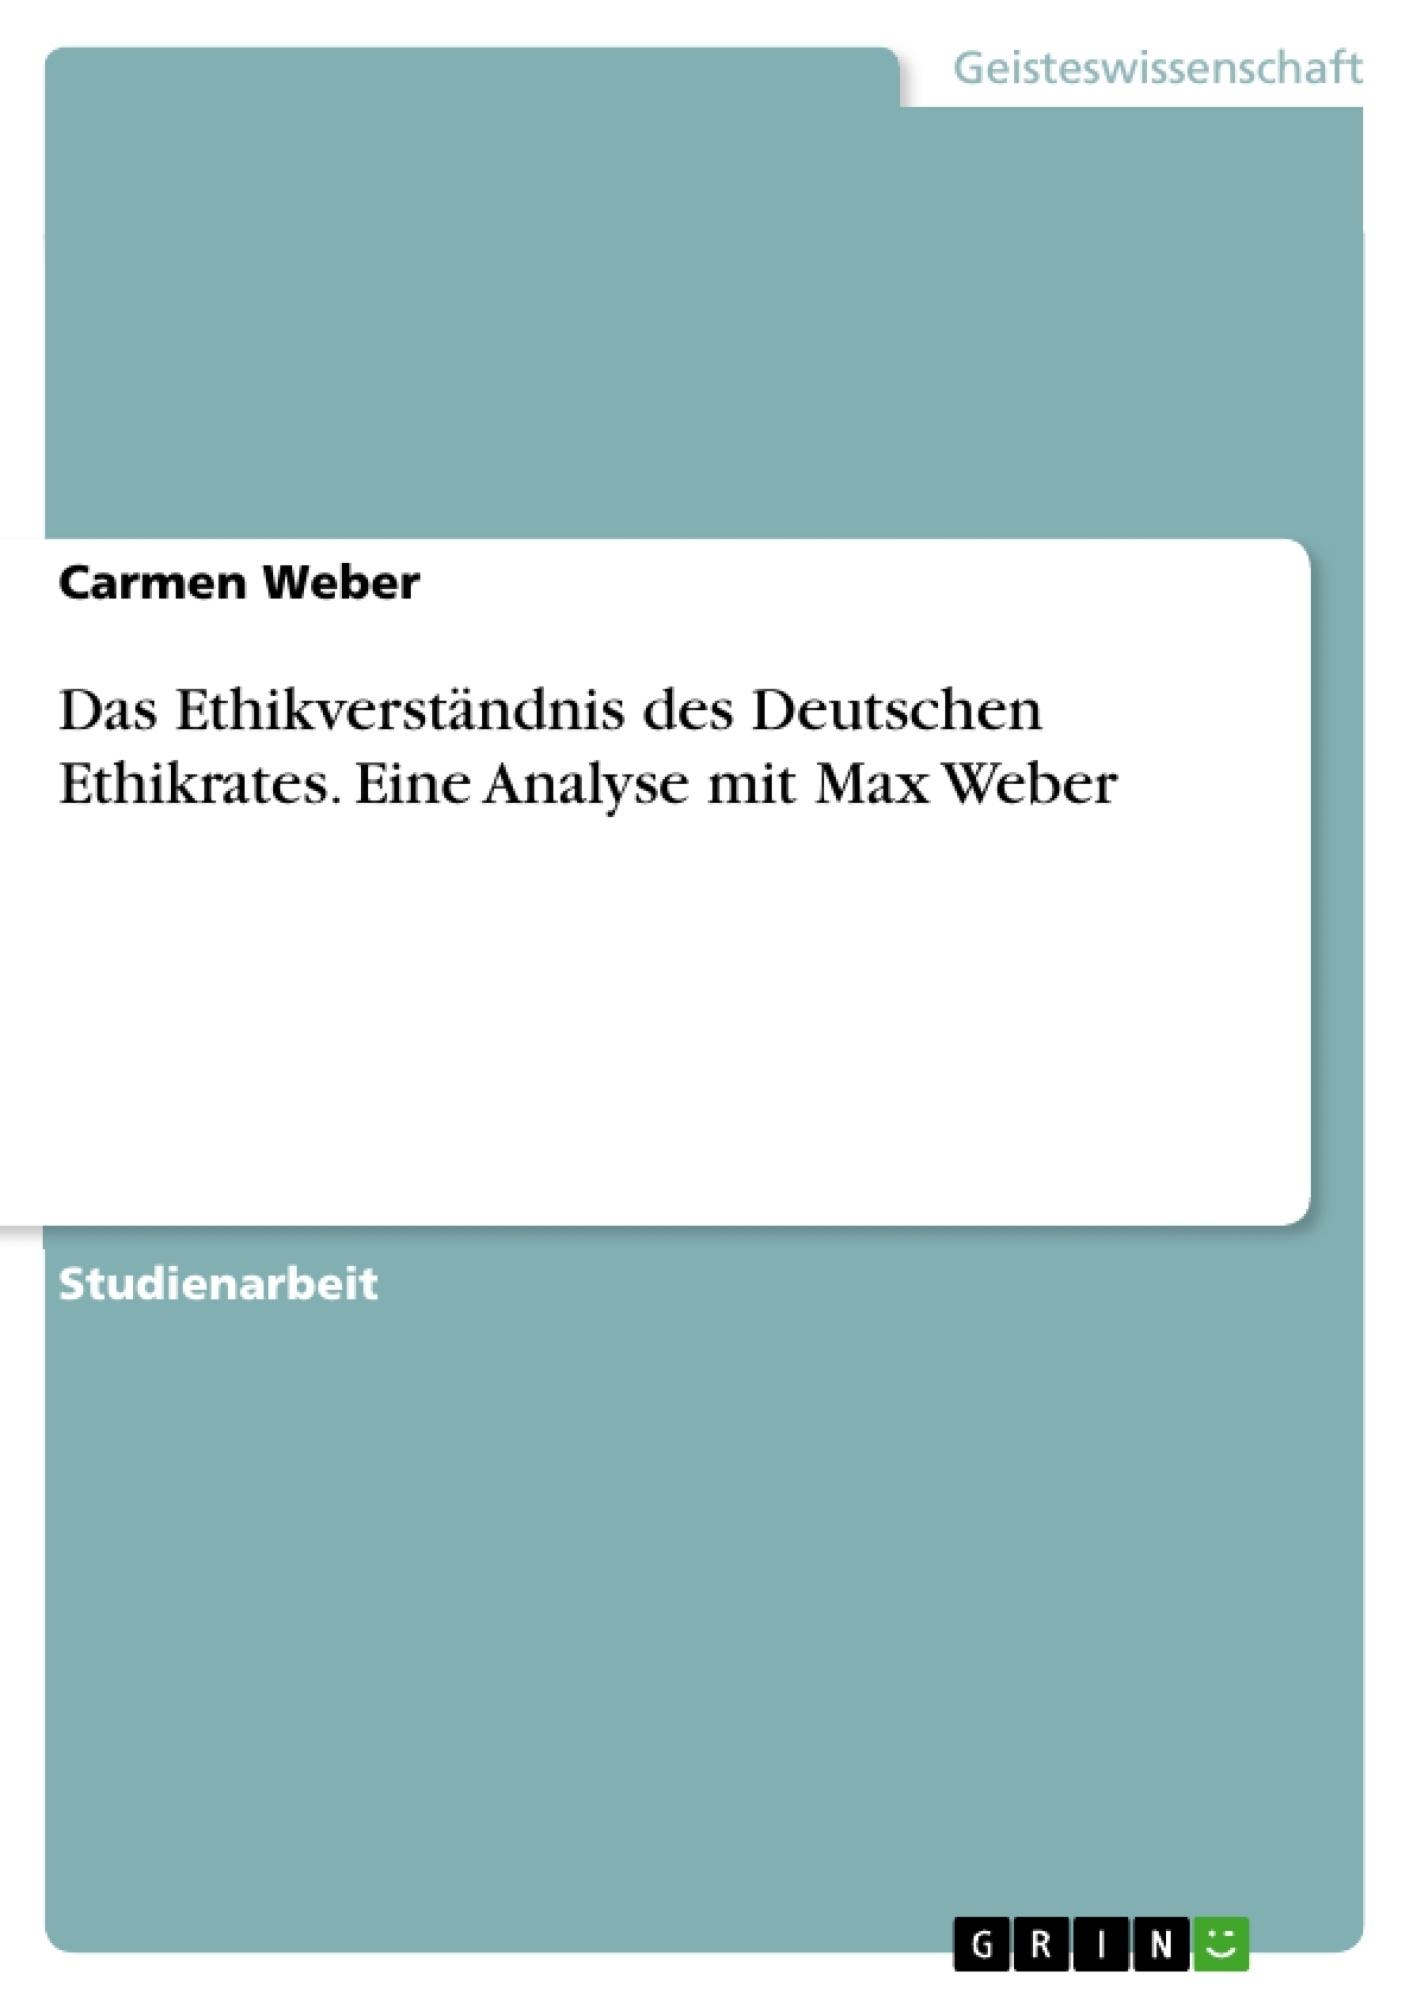 Titel: Das Ethikverständnis des Deutschen Ethikrates. Eine Analyse mit Max Weber